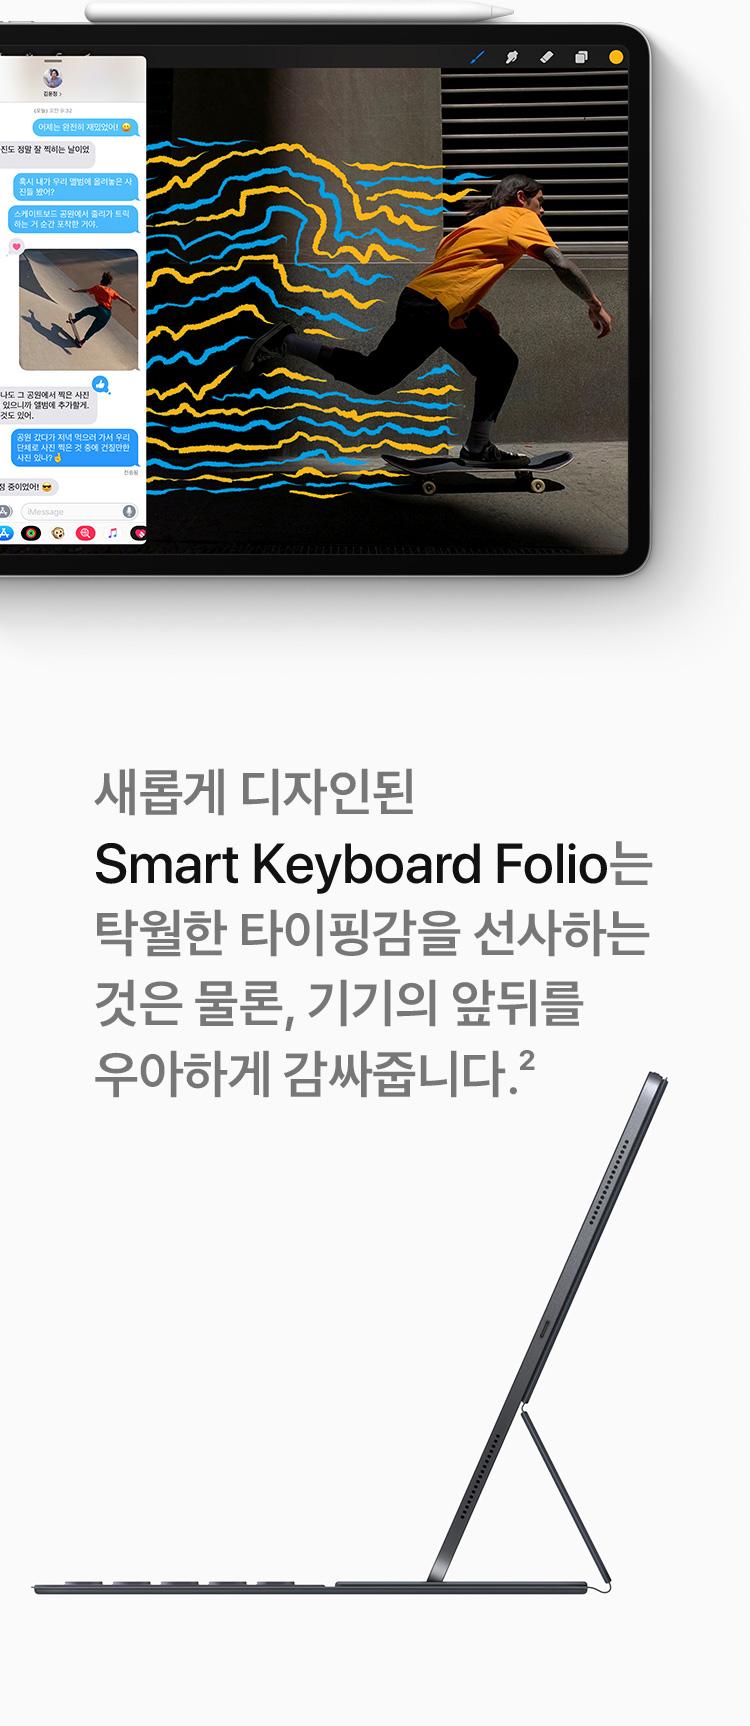 새롭게 디자인된 Smart Keyboard Folio는 탁월한 타이핑감을 선사하는 것은 물론, 기기의 앞뒤를 우아하게 감싸줍니다.